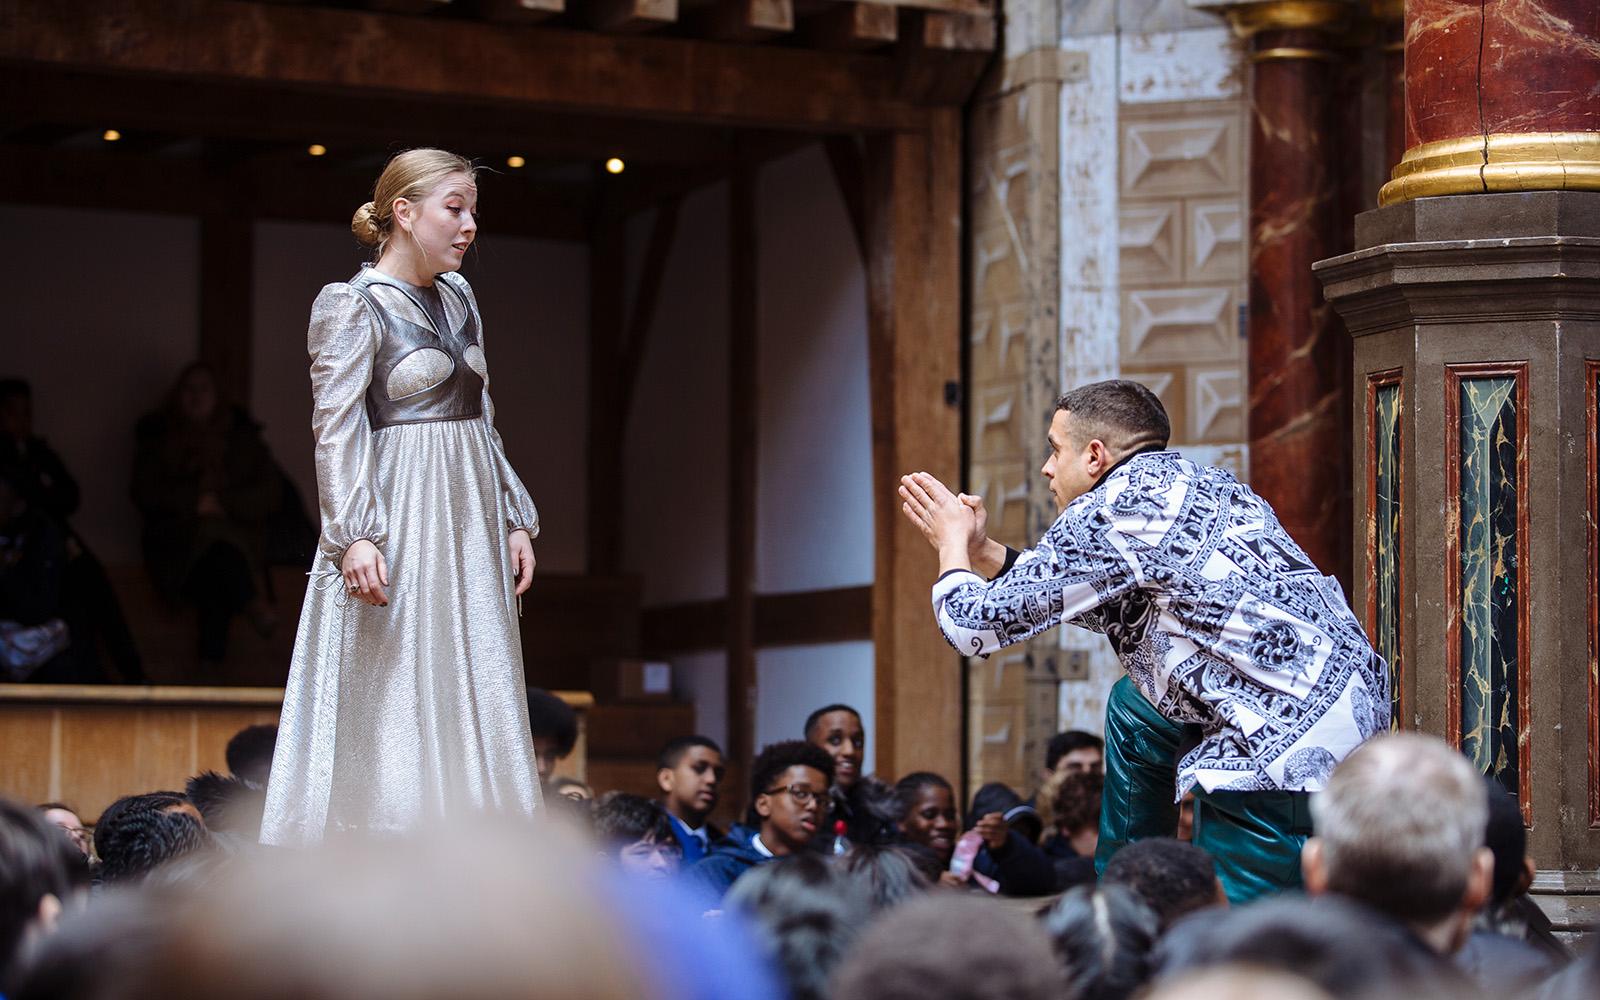 Romeo kneels praying to Juliet